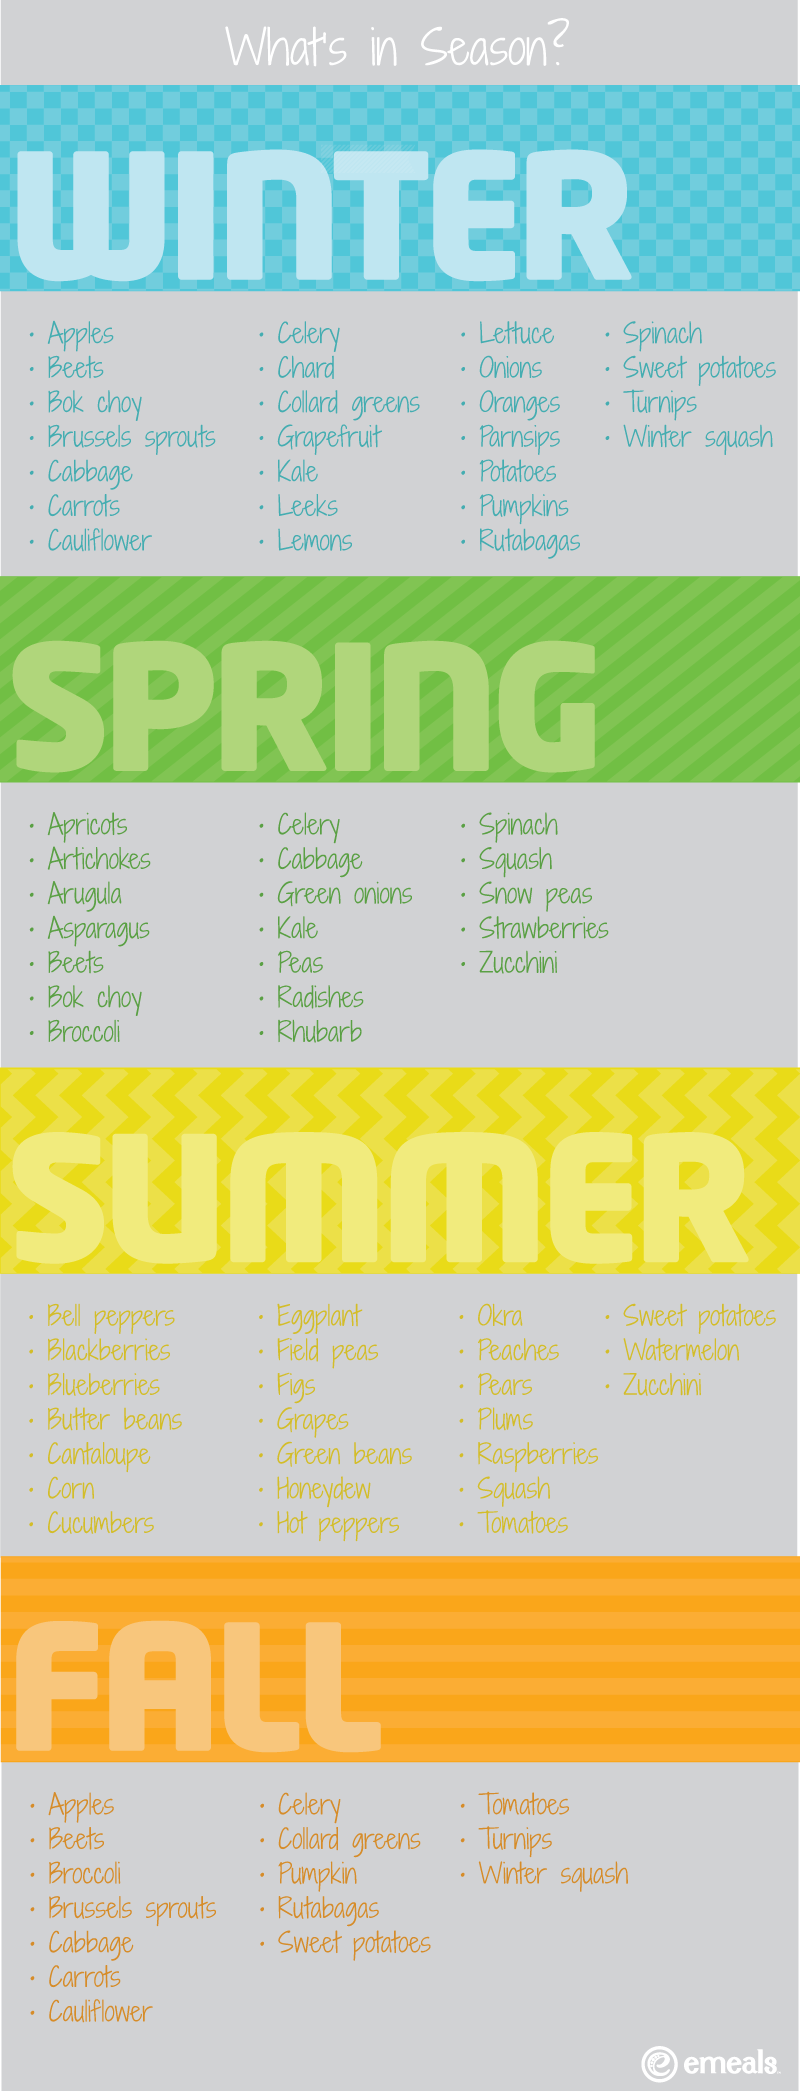 Fruit & Vegetable Seasonality Chart